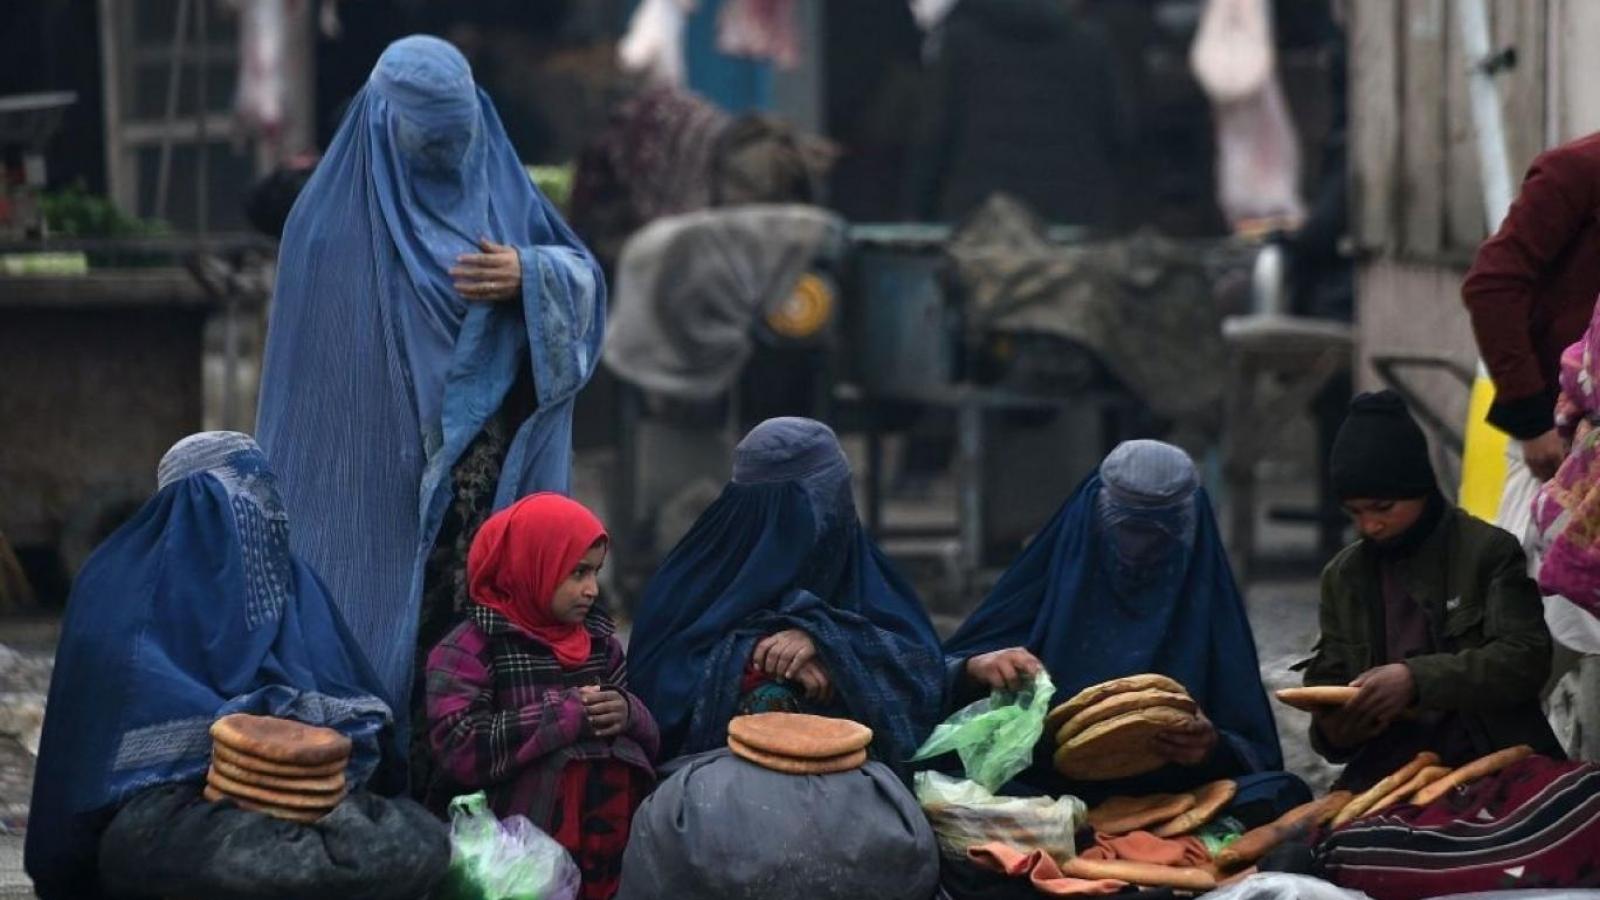 """Tương lai """"đen tối và nỗi sợ mất quyền"""" của phụ nữ Afghanistan khi Taliban nắm quyền"""